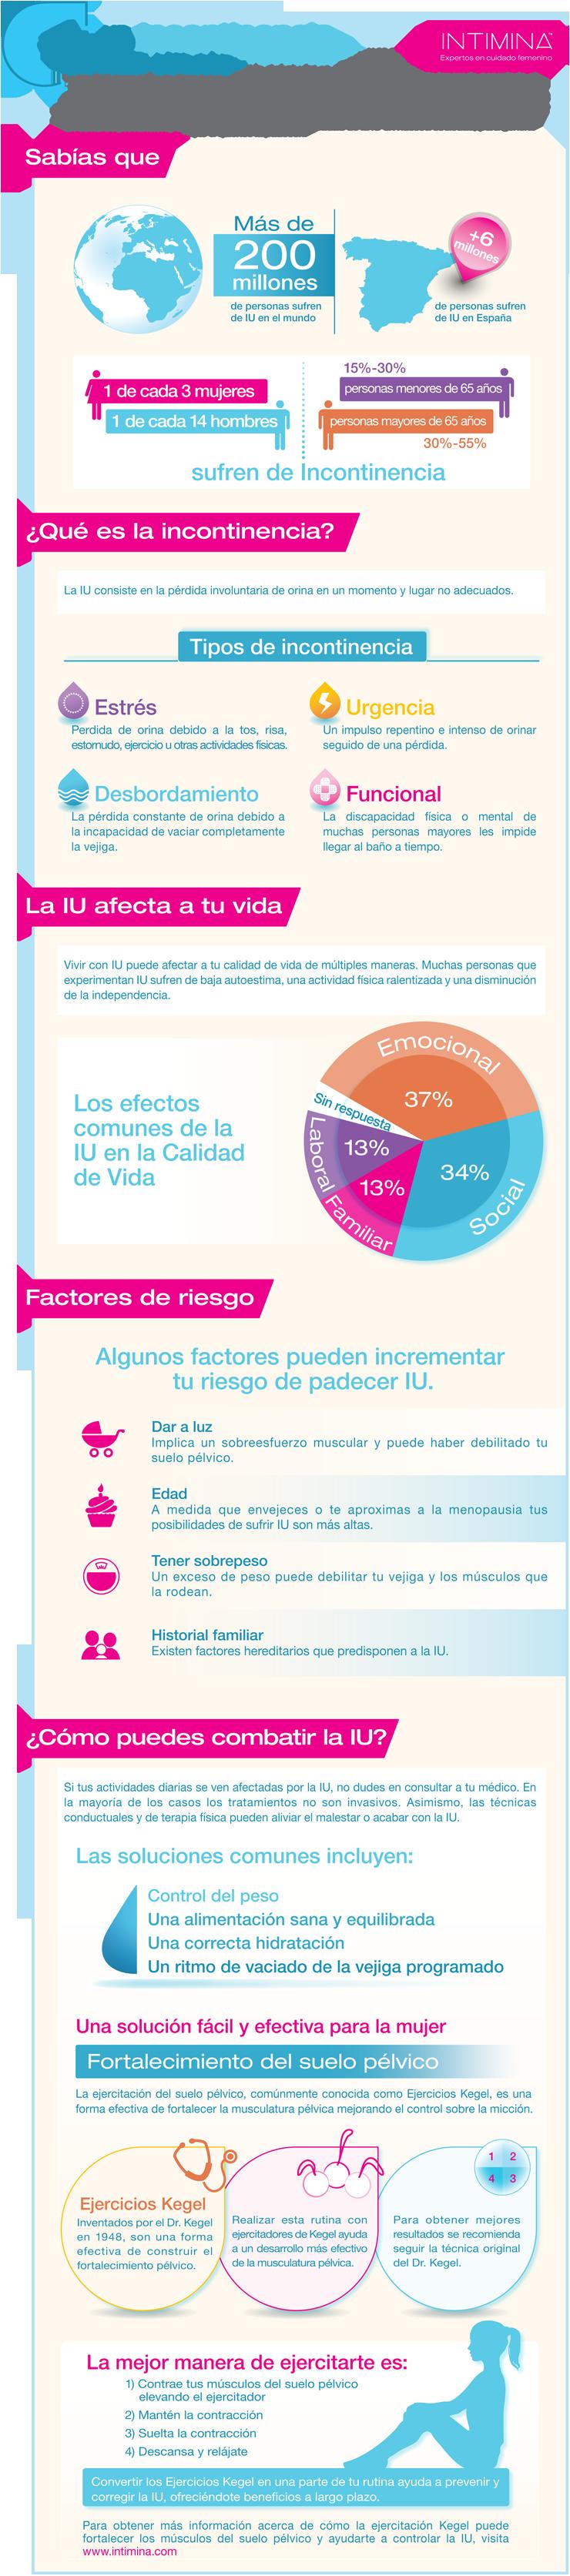 Infografía - Stop la incontinencia, el mal silente